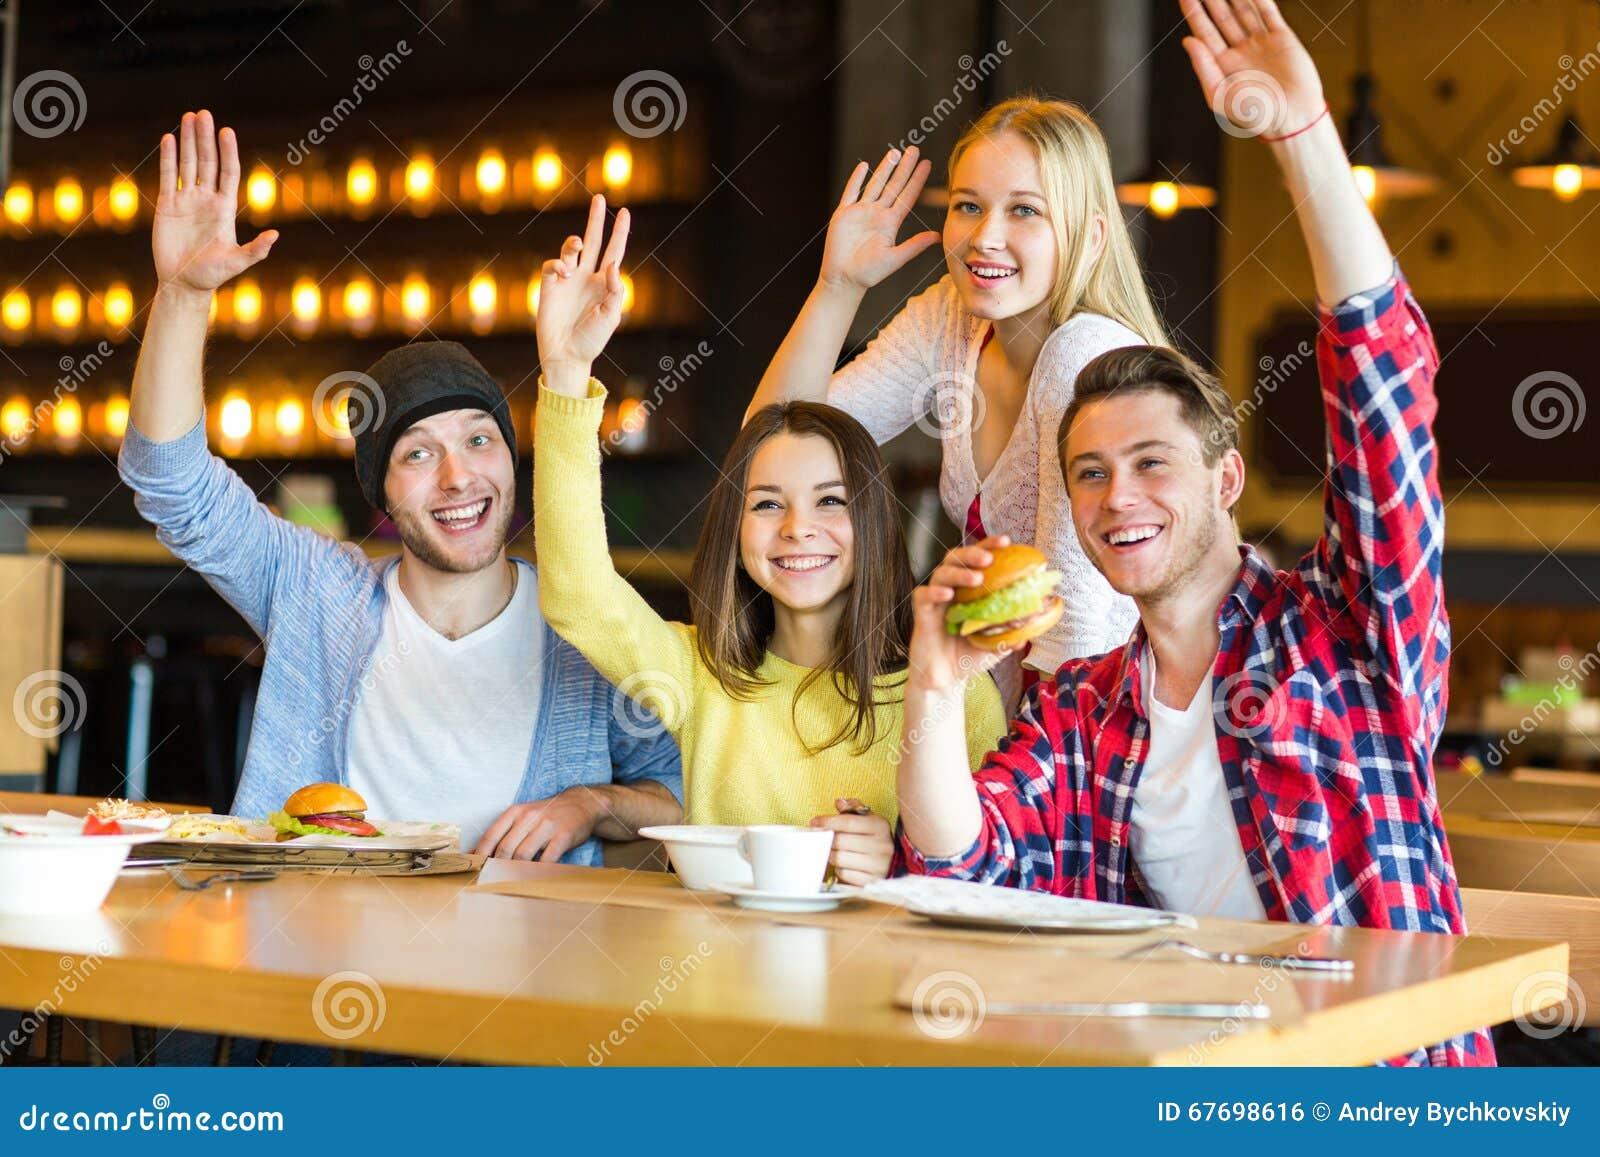 Gruppe junge Leute, die Spaß im Café haben